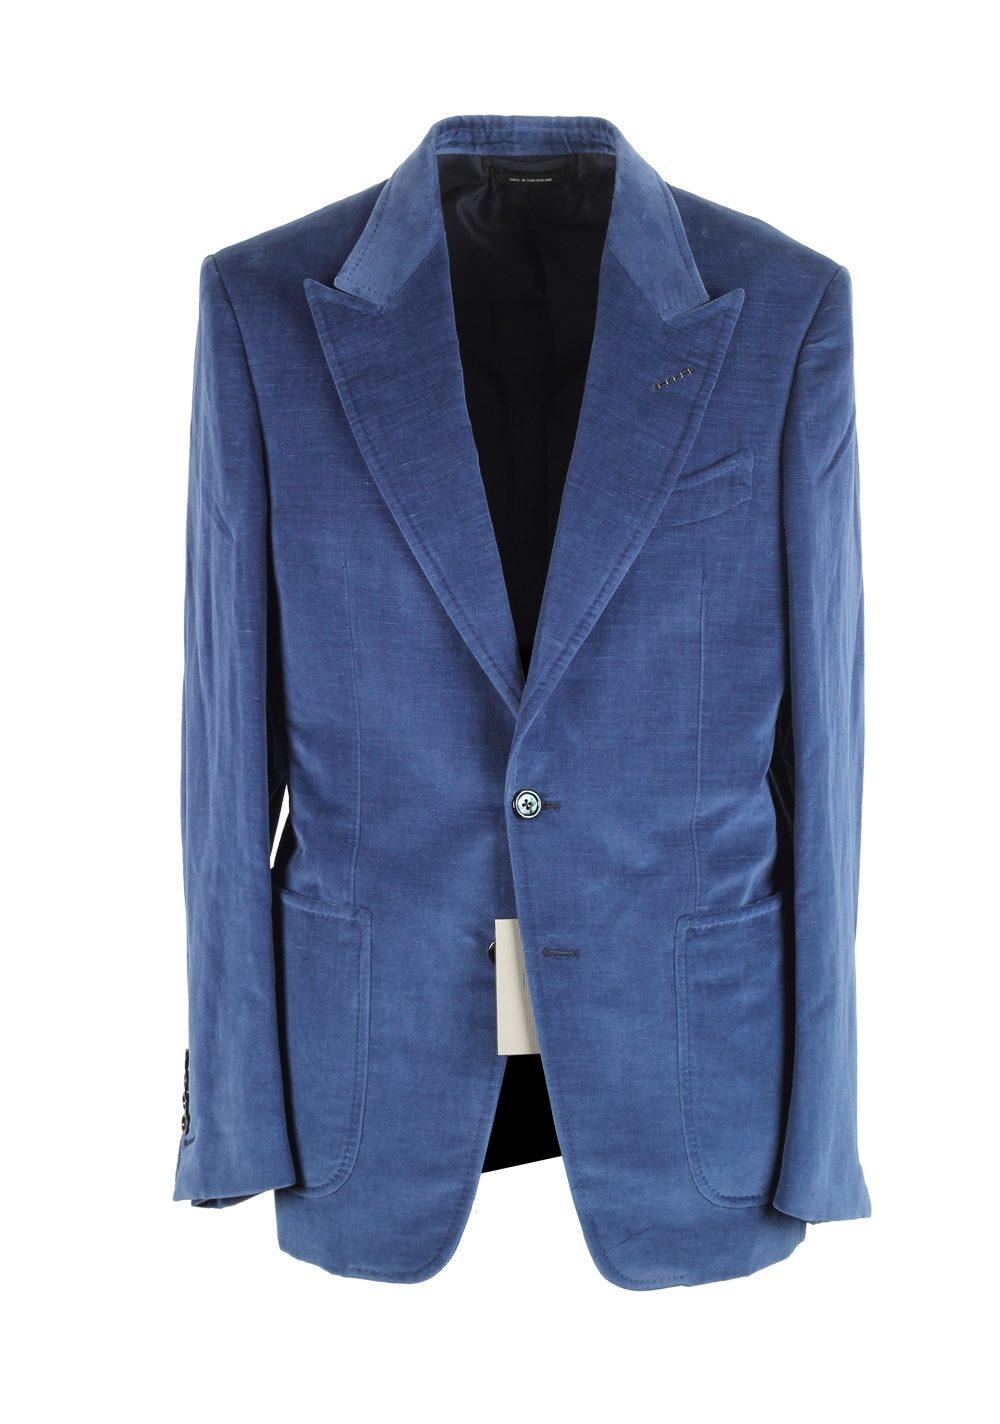 TOM FORD Shelton Blue Velvet Suit Size 48 / 38R U.S. In Cotton Linen   Costume Limité